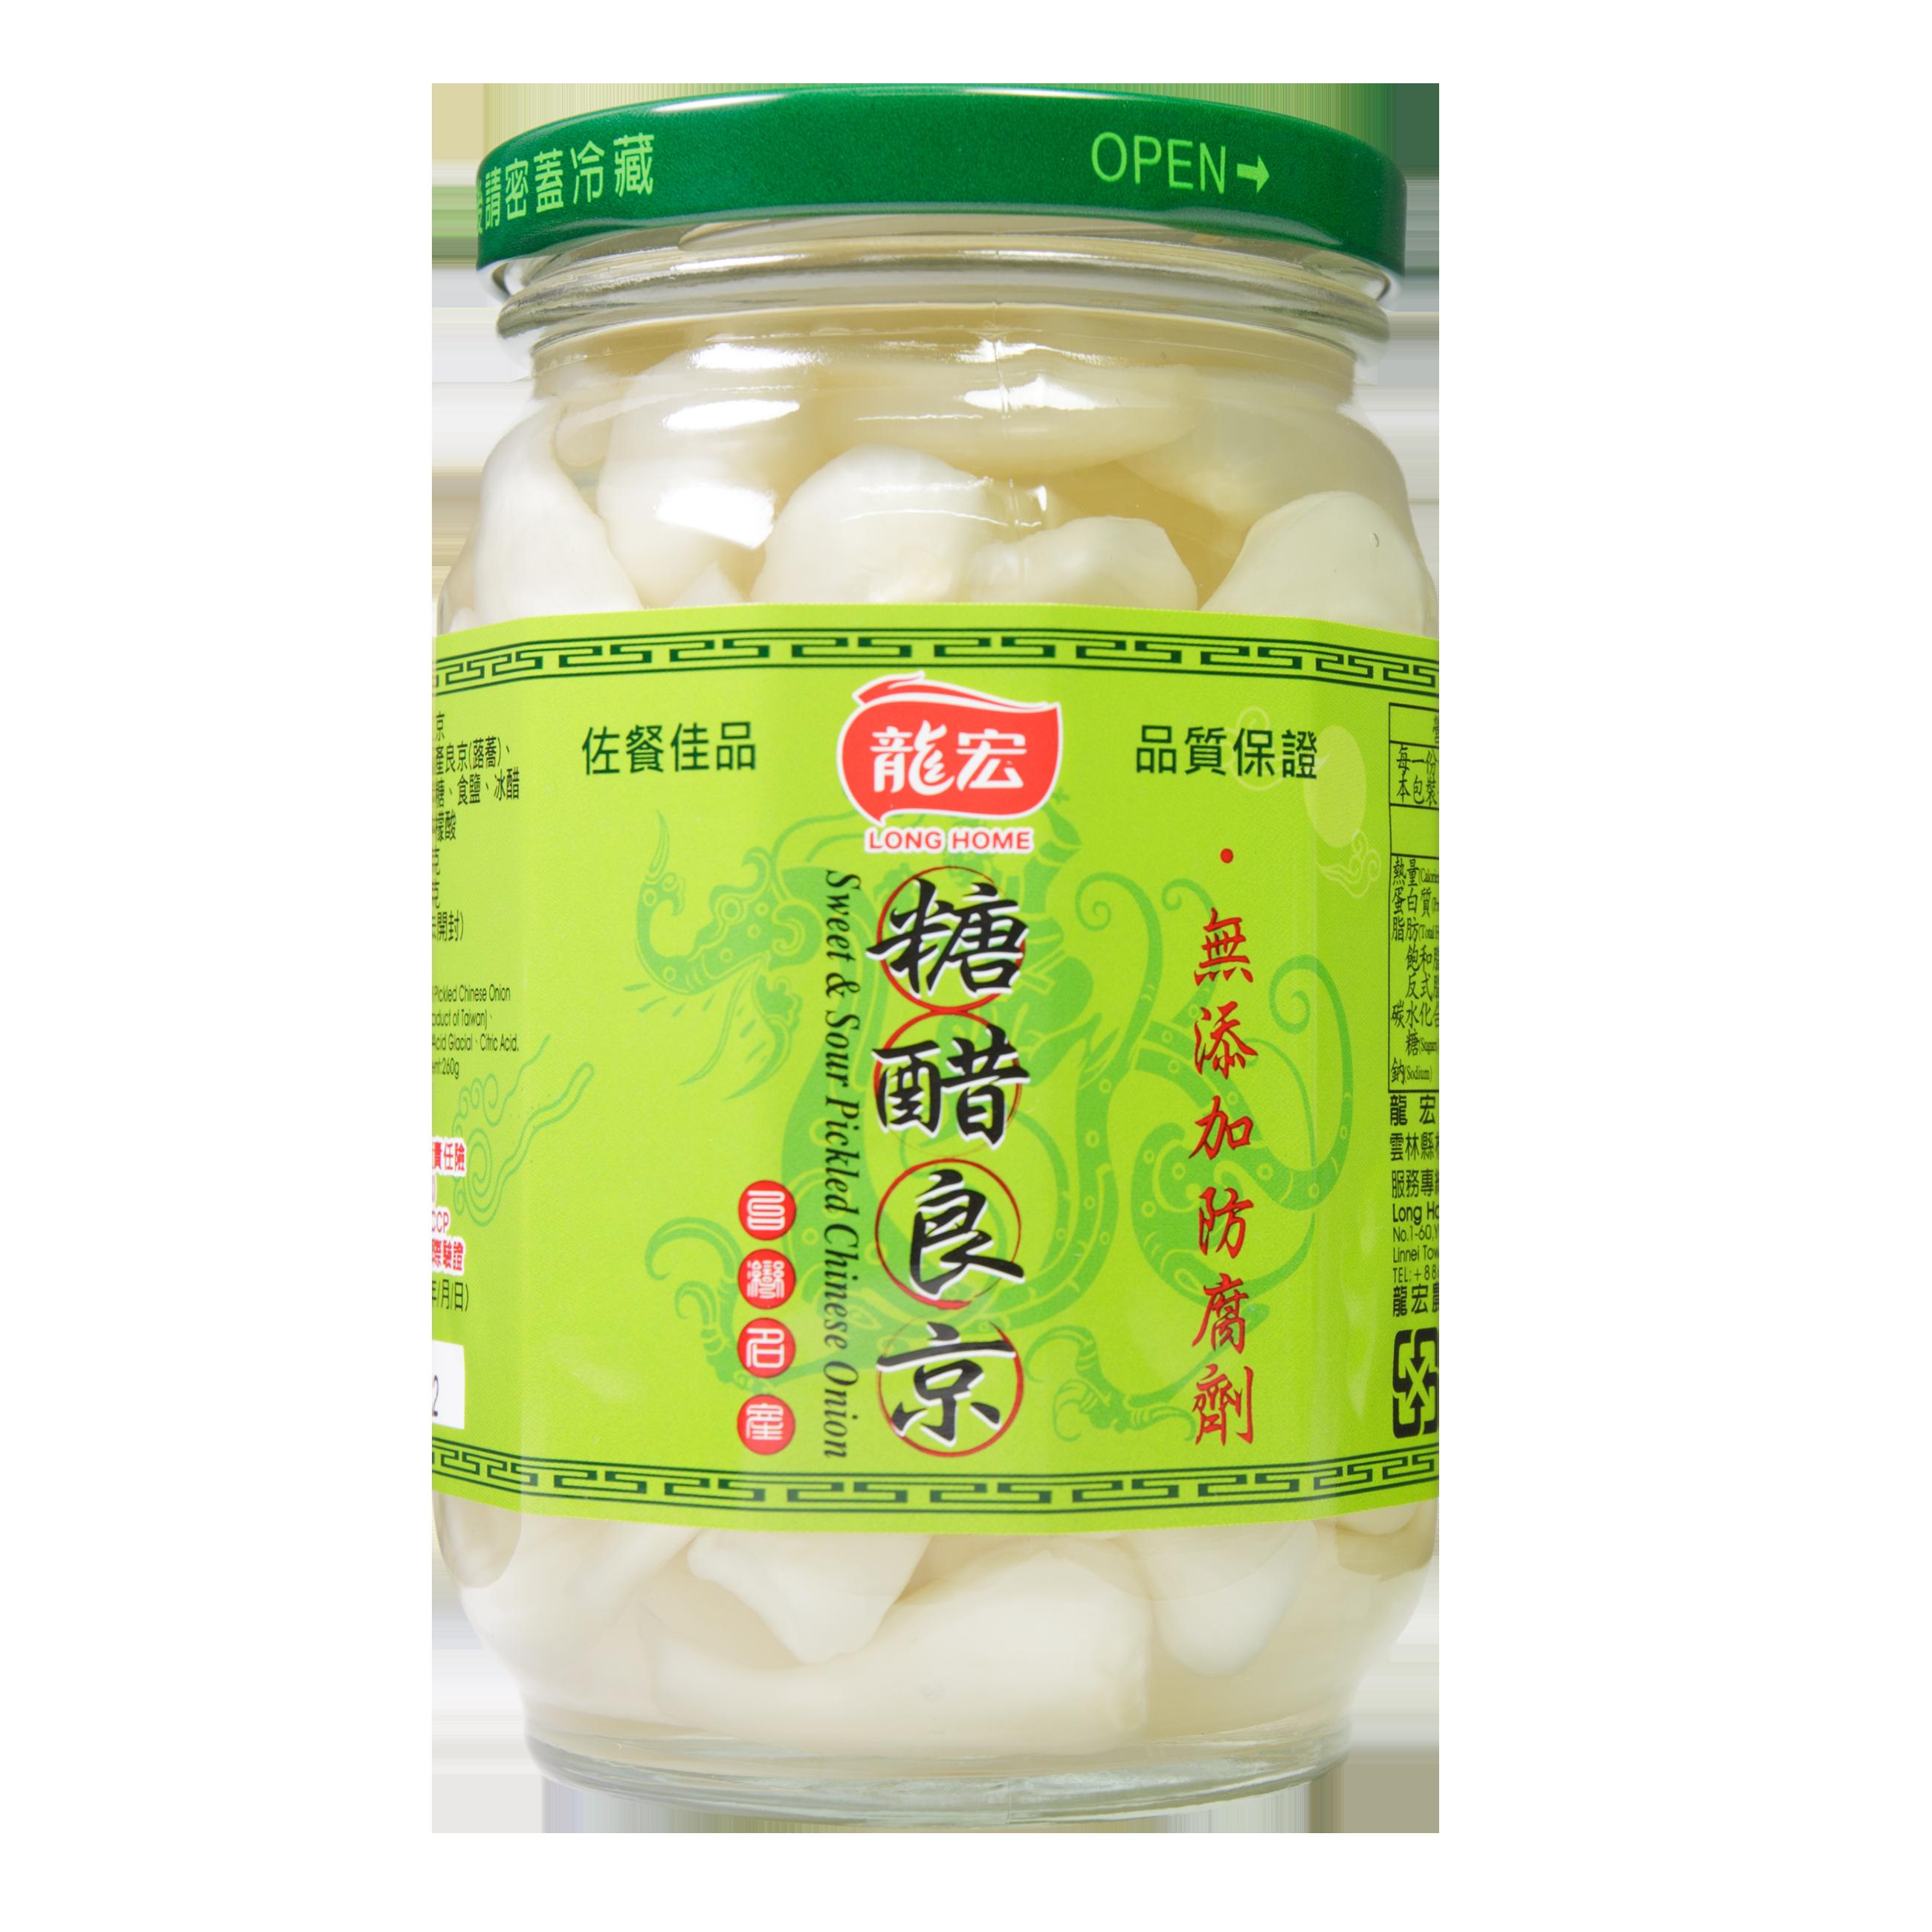 糖醋良京 470g (蕎頭、蕗蕎)